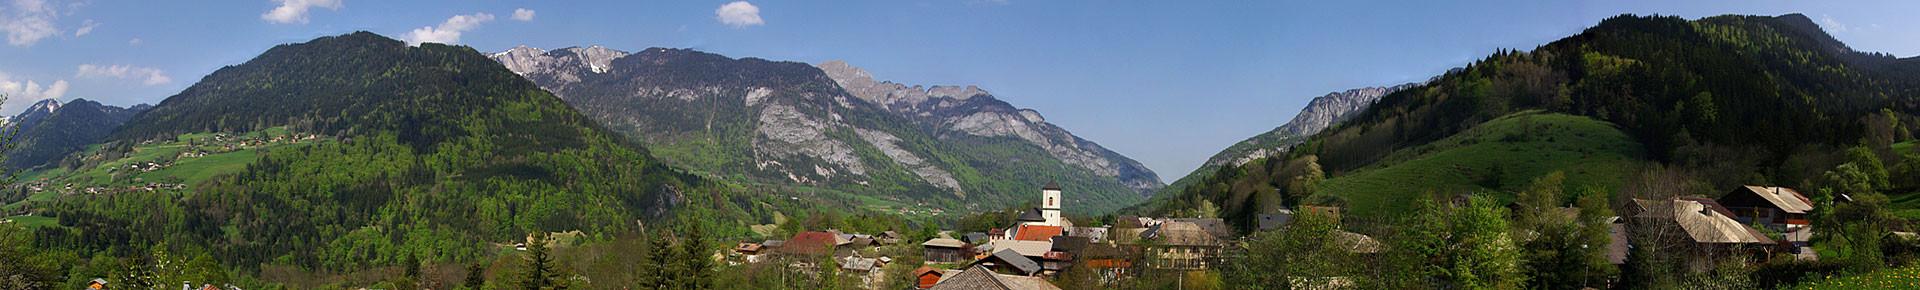 Le village du Biot en été